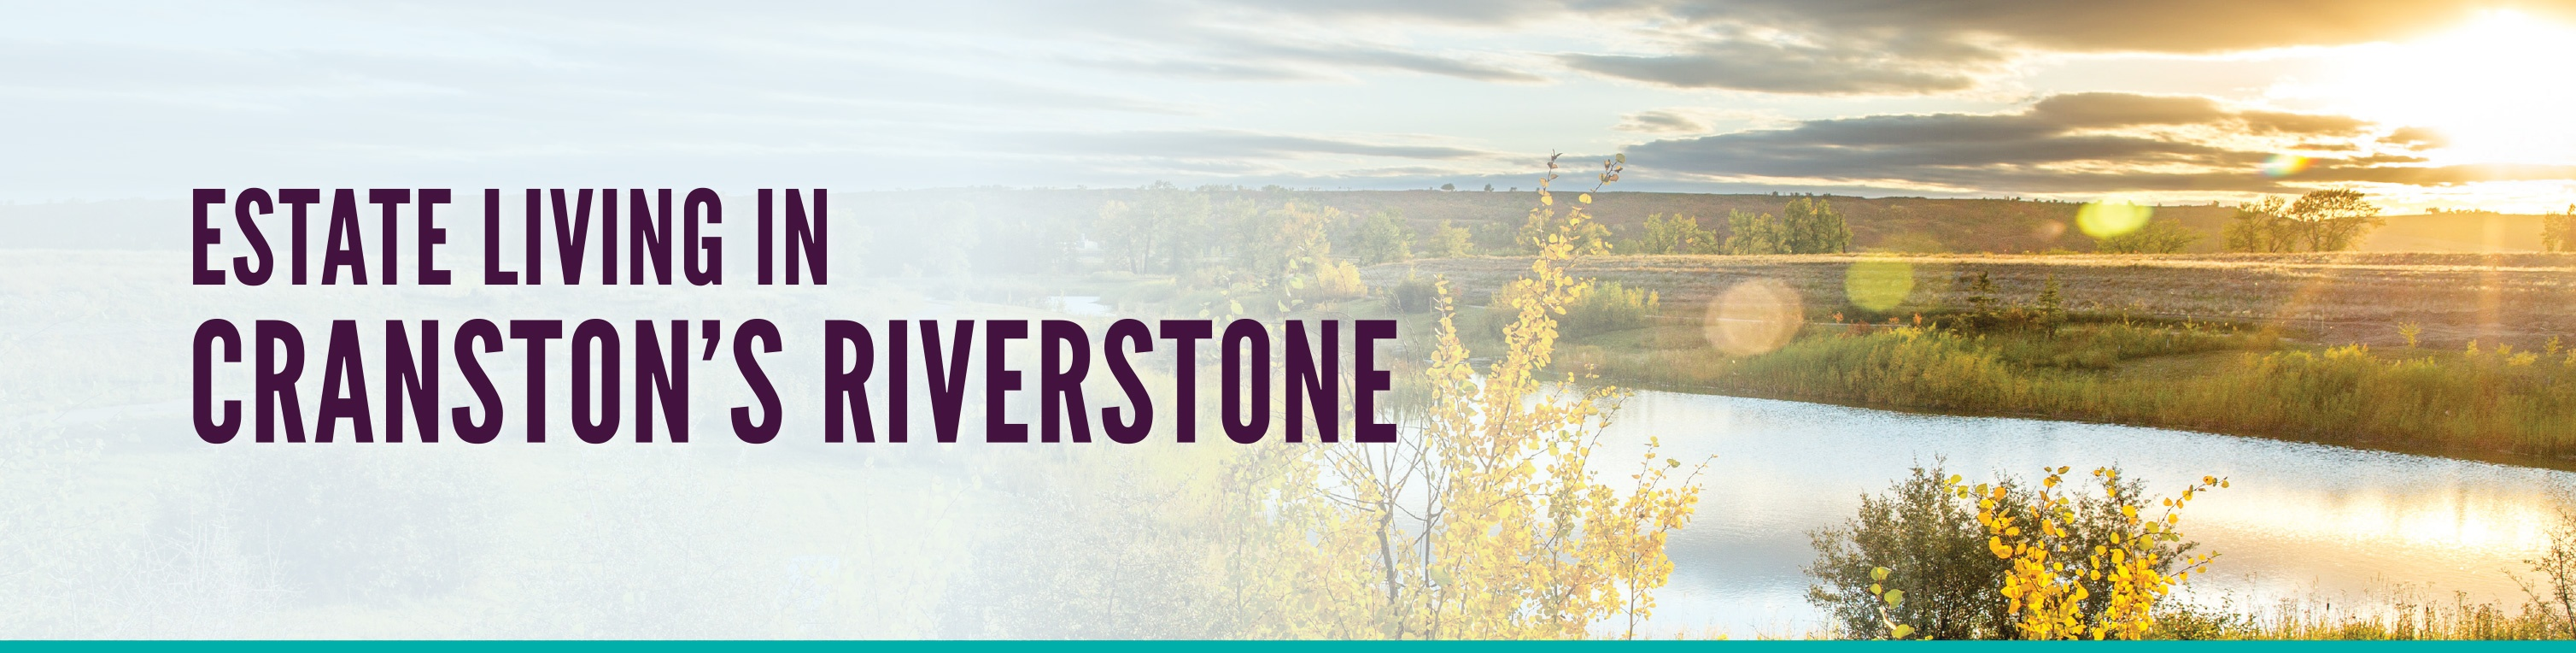 Estate Living In Cranston's Riverstone - Trico Homes